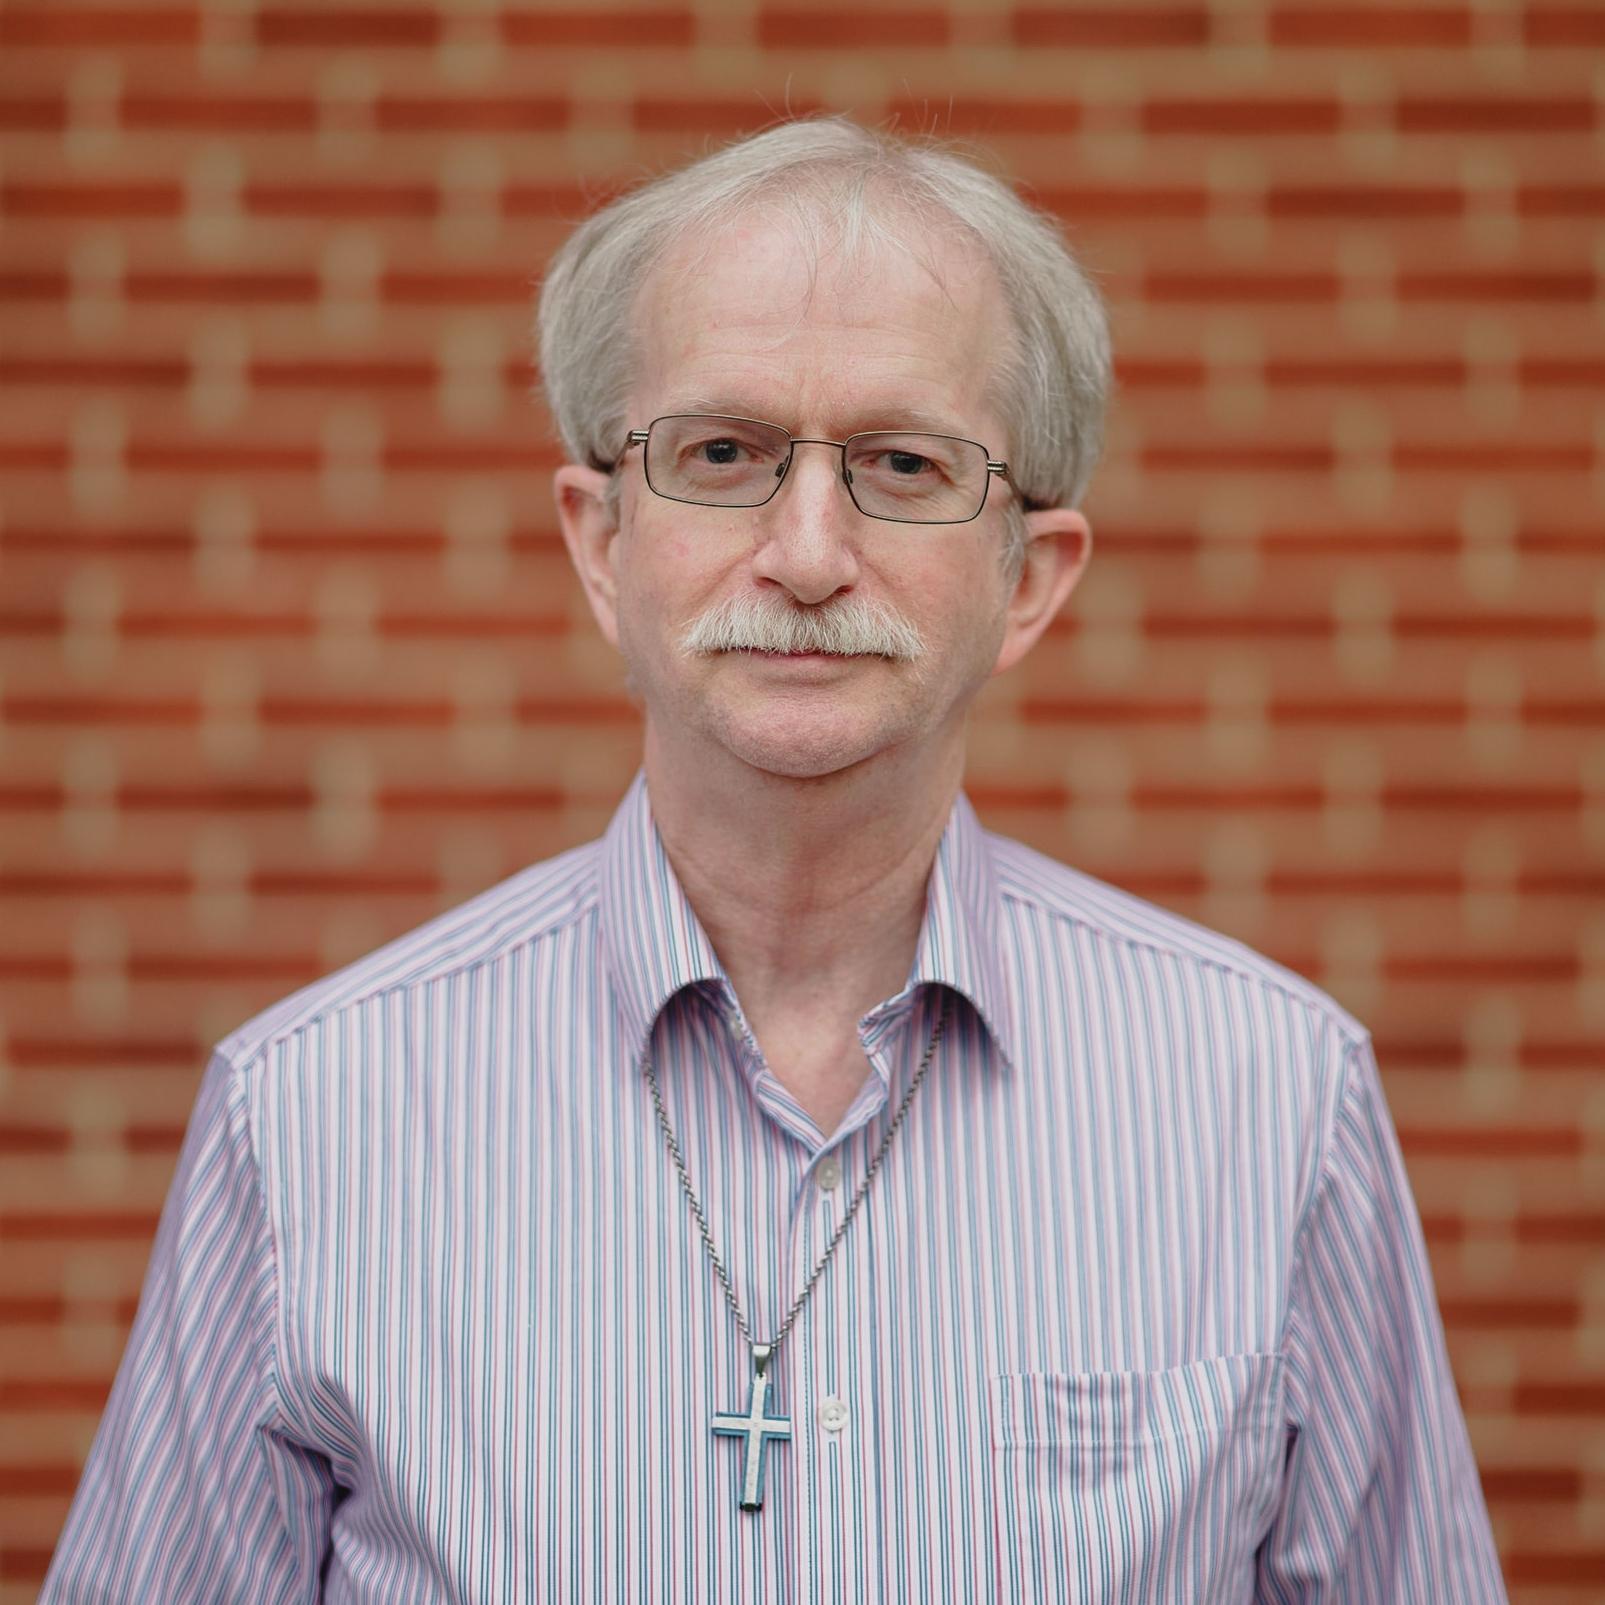 Bill BennettIT/AV Tech - wbennett@fbcwoodbridge.org